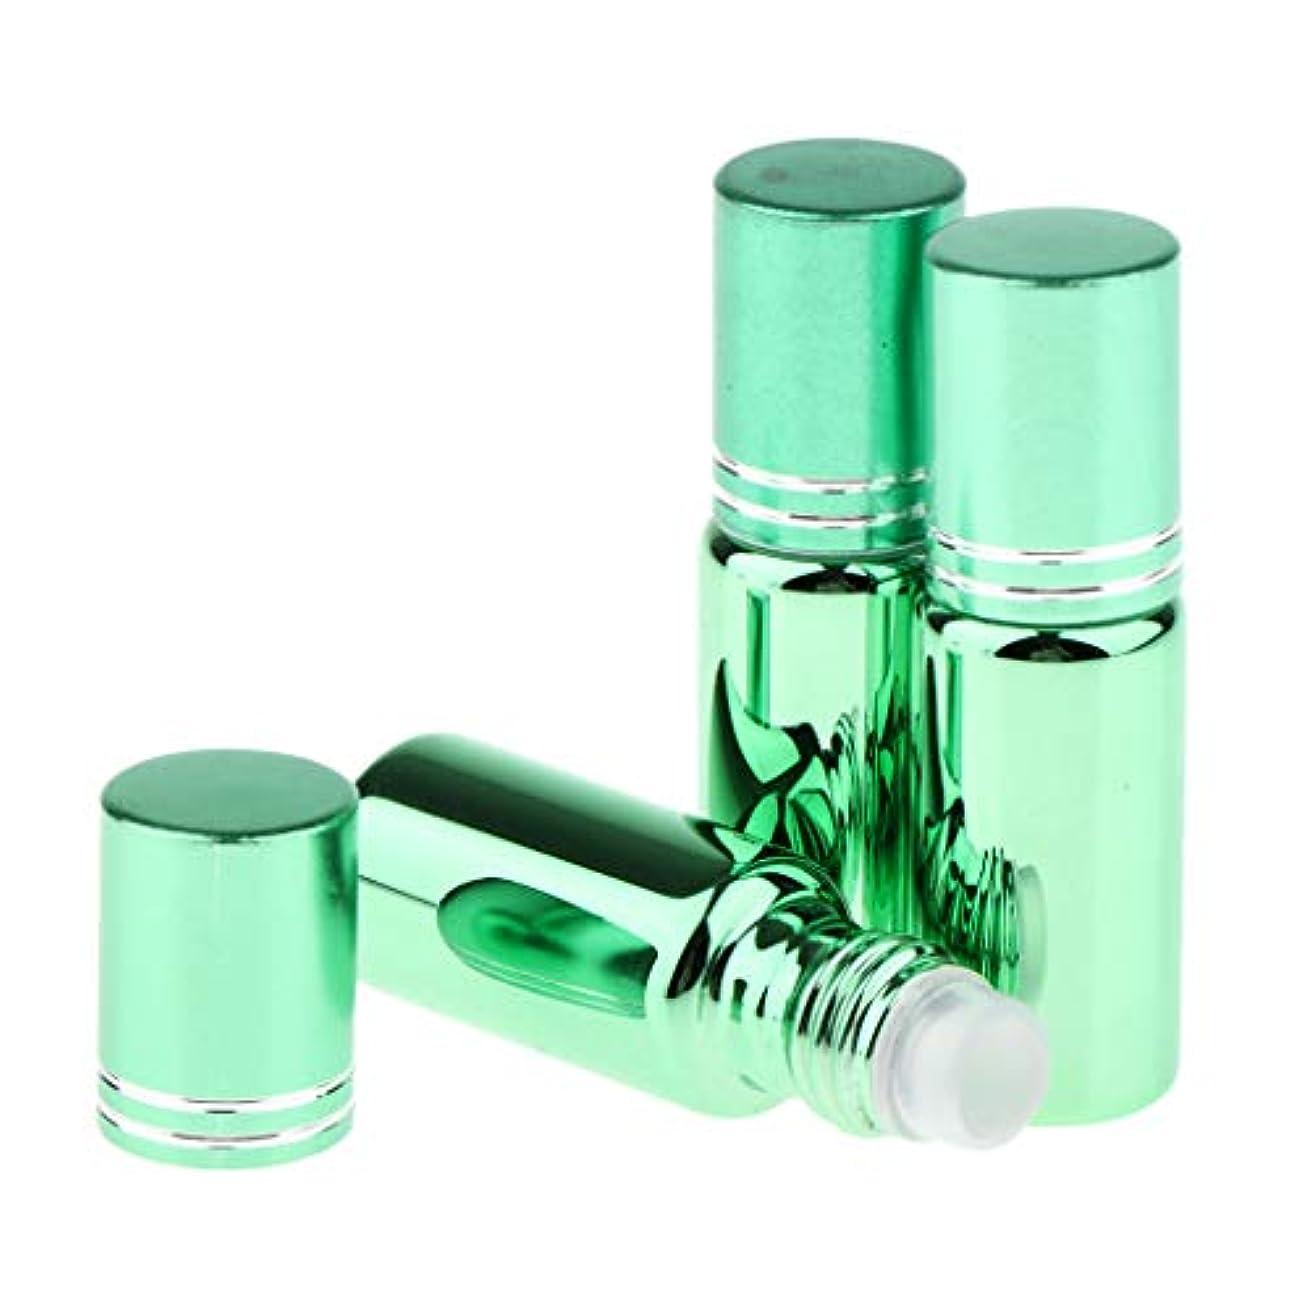 なめるつかの間ユーモア香水 ロールオン アトマイザー ローラーボトル 容器 アロマテラピー バイアル 全6色 - 緑